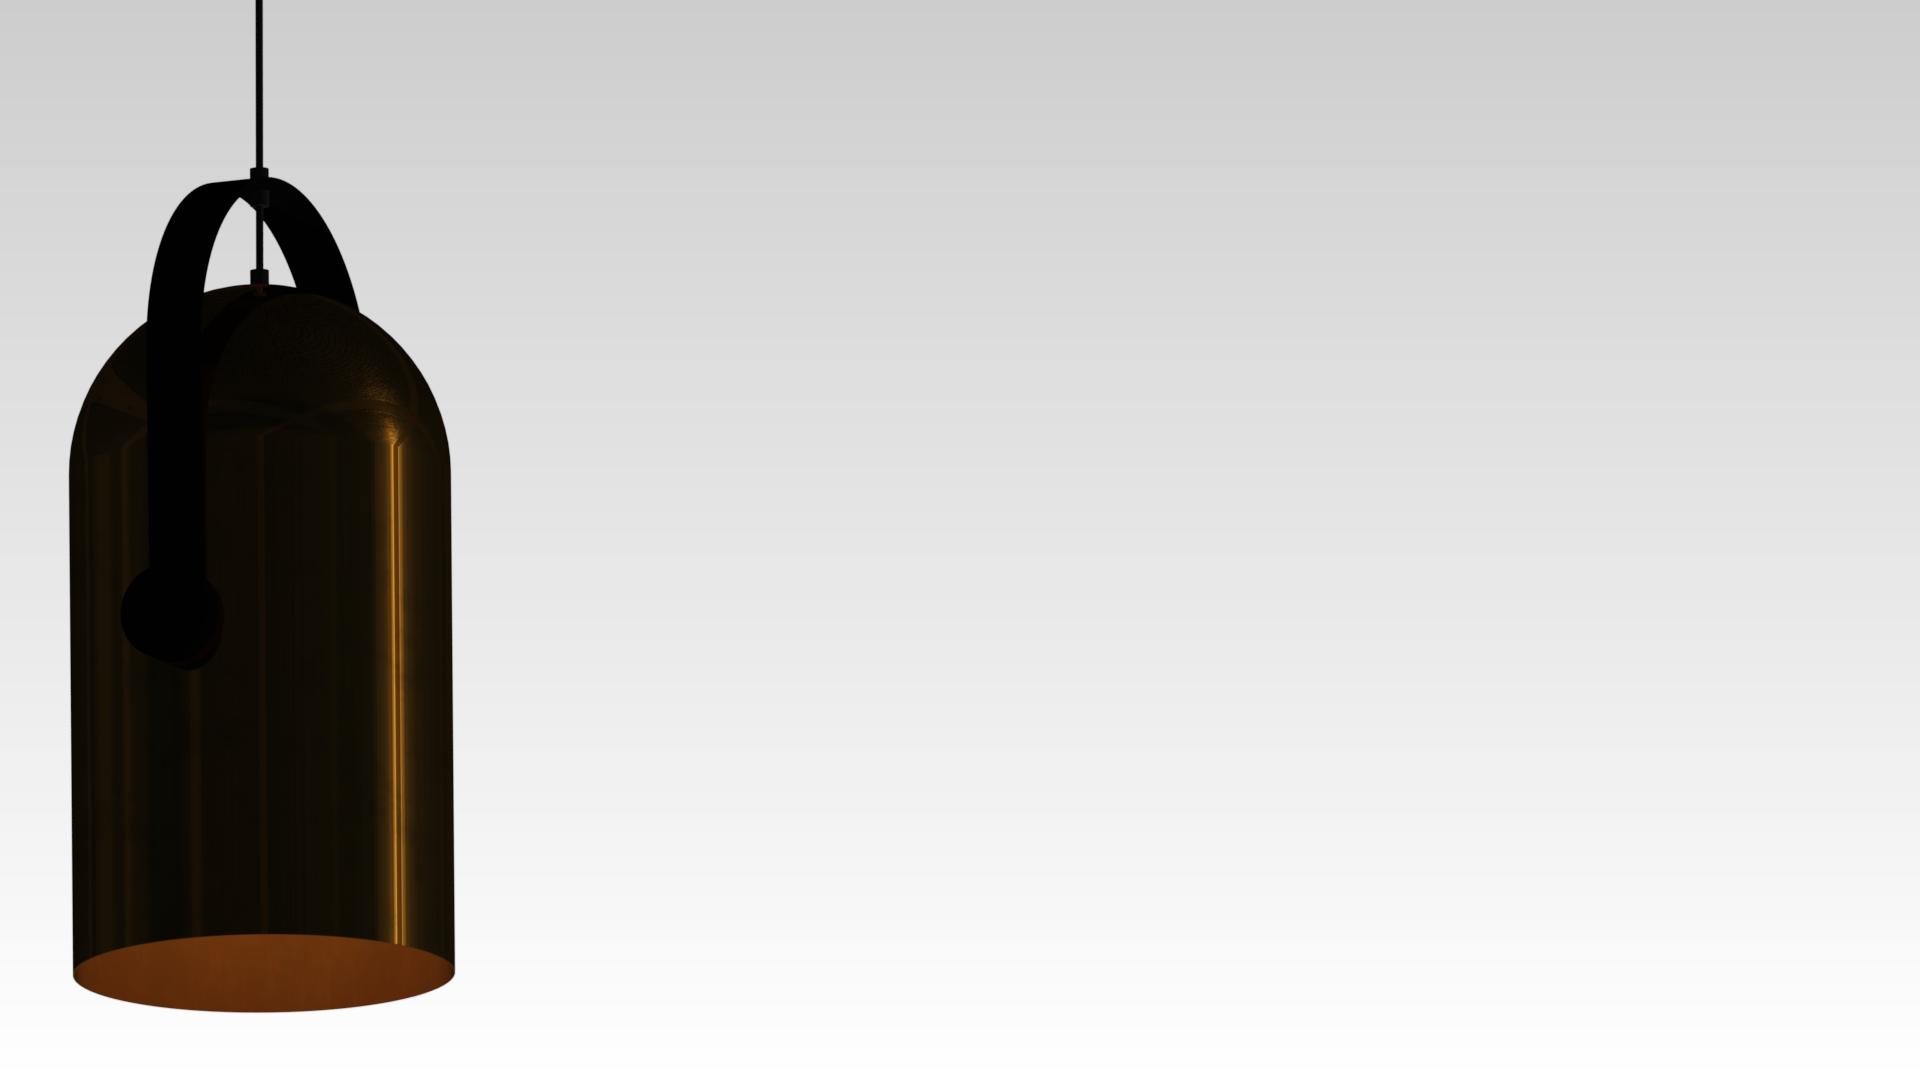 латунный дизайнерский подвесной светильник для ресторана